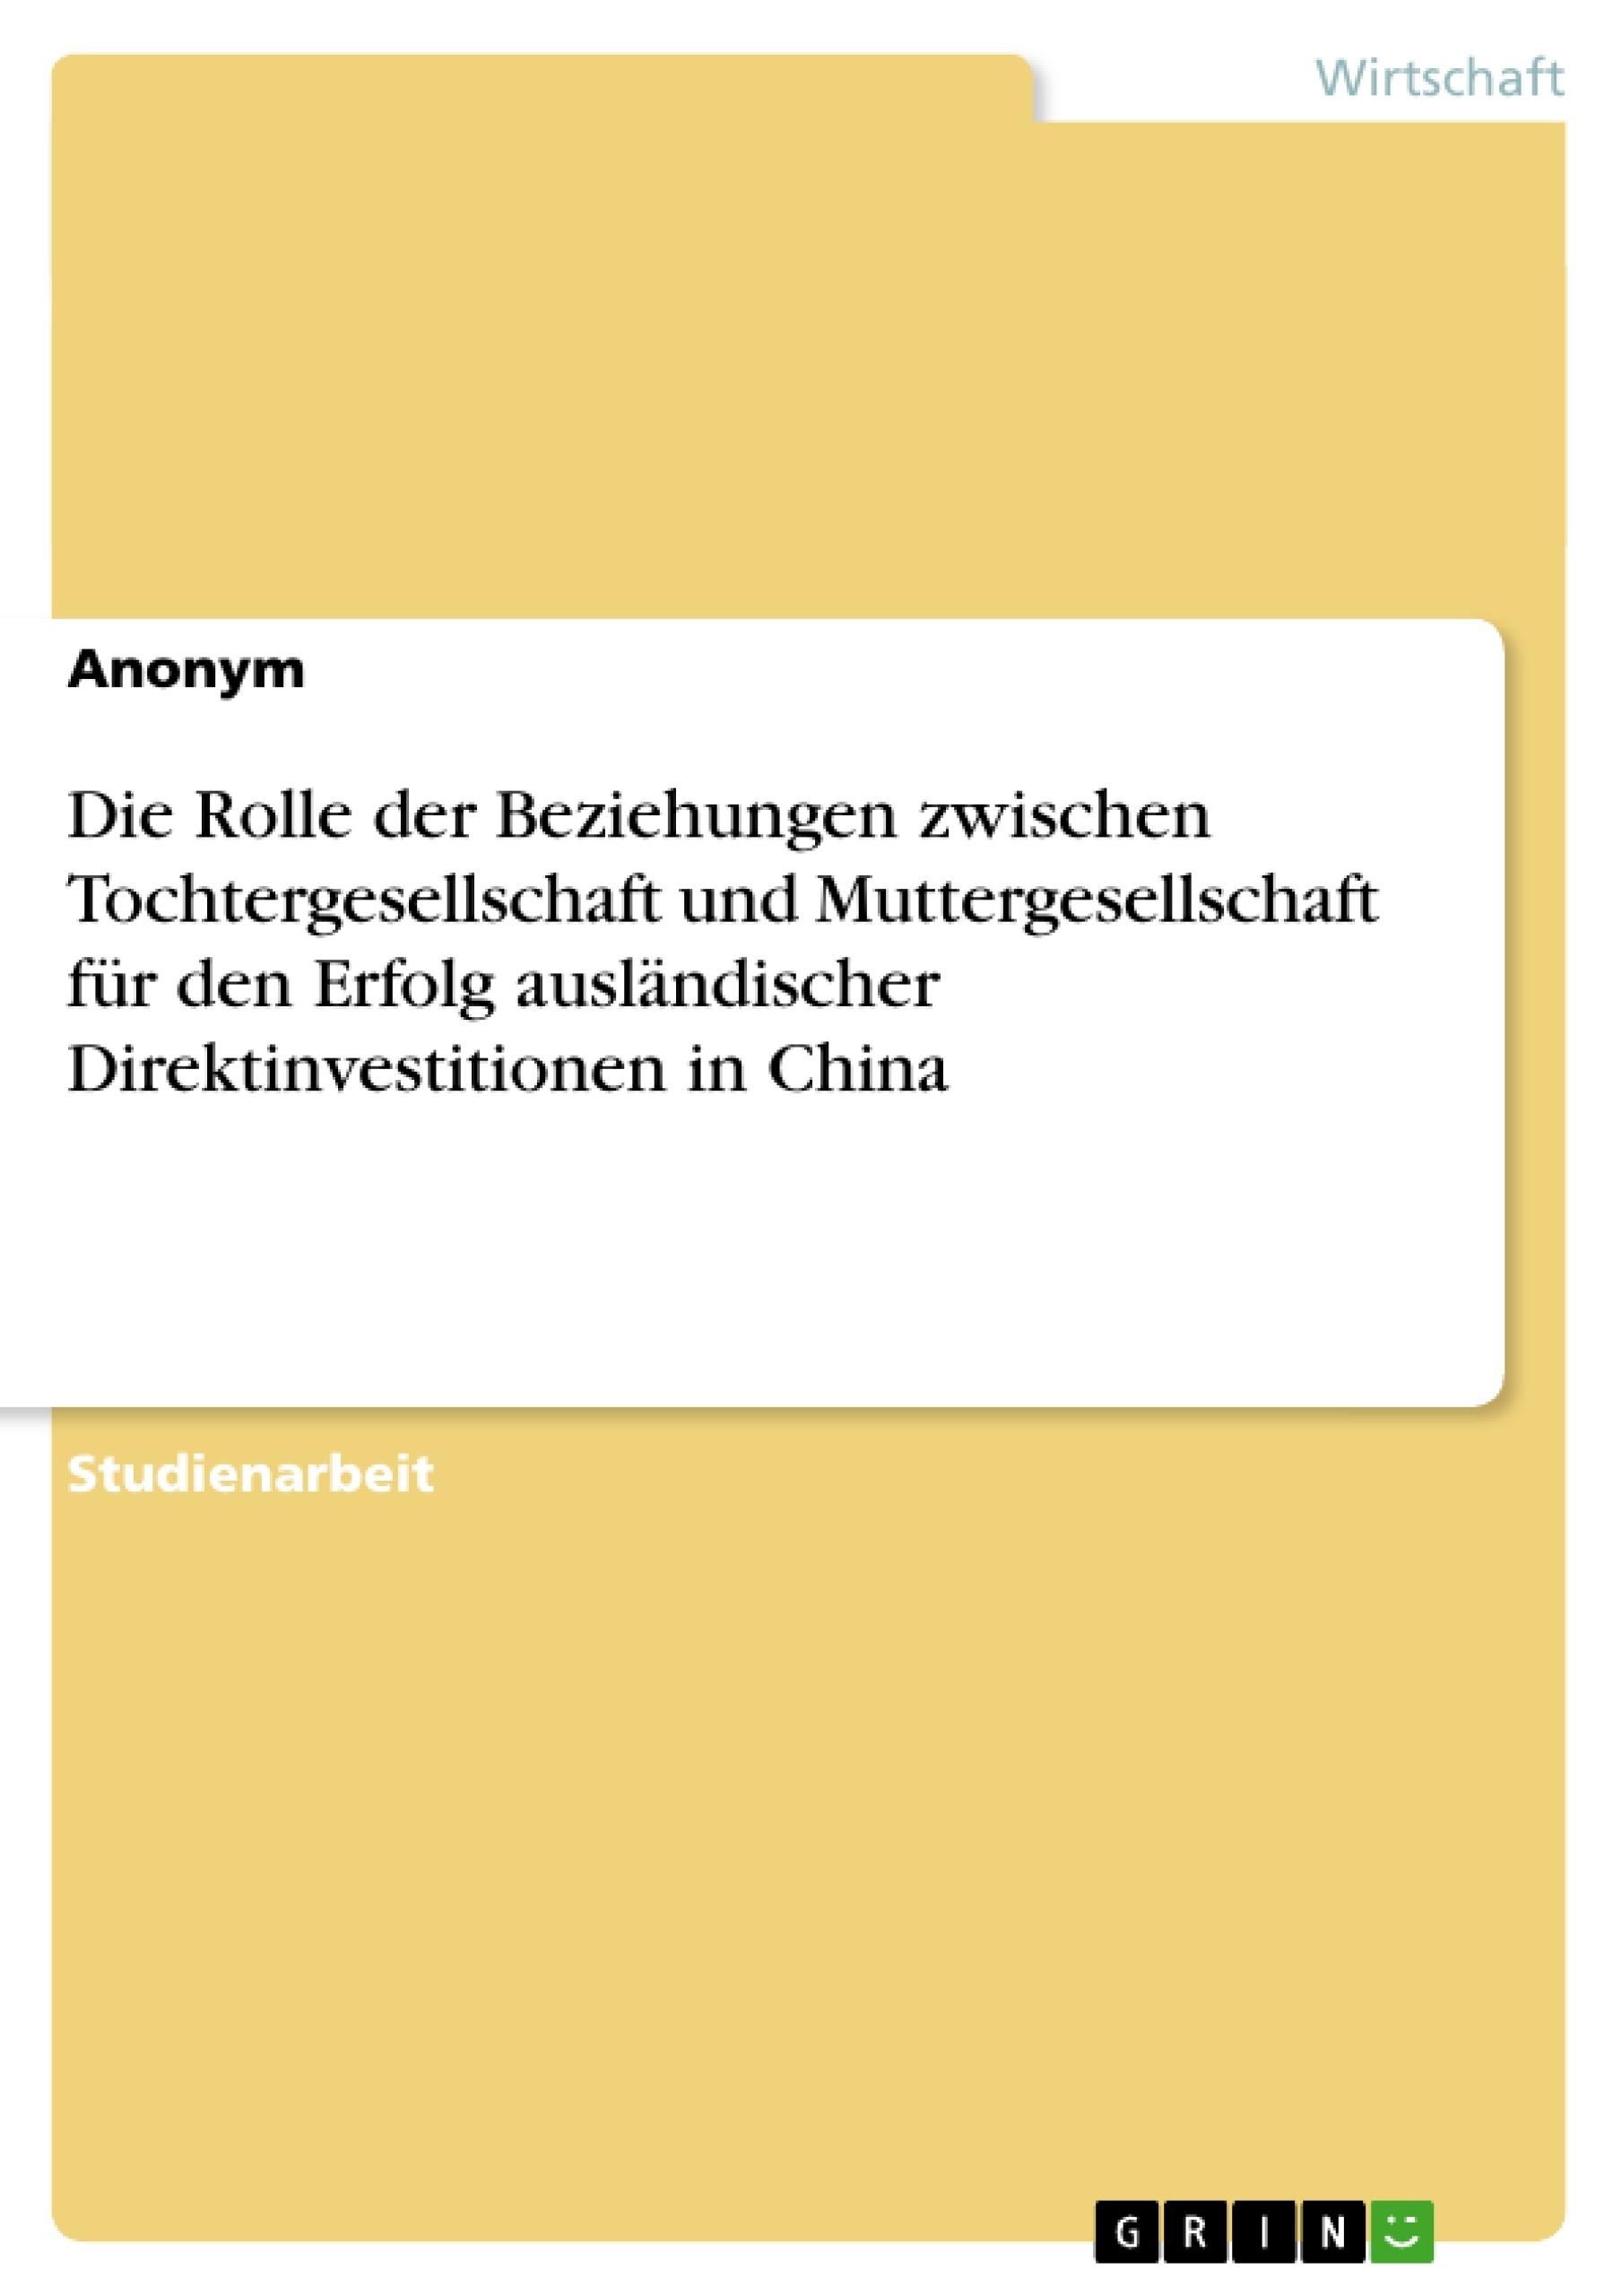 Titel: Die Rolle der Beziehungen zwischen Tochtergesellschaft und Muttergesellschaft für den Erfolg ausländischer Direktinvestitionen in China